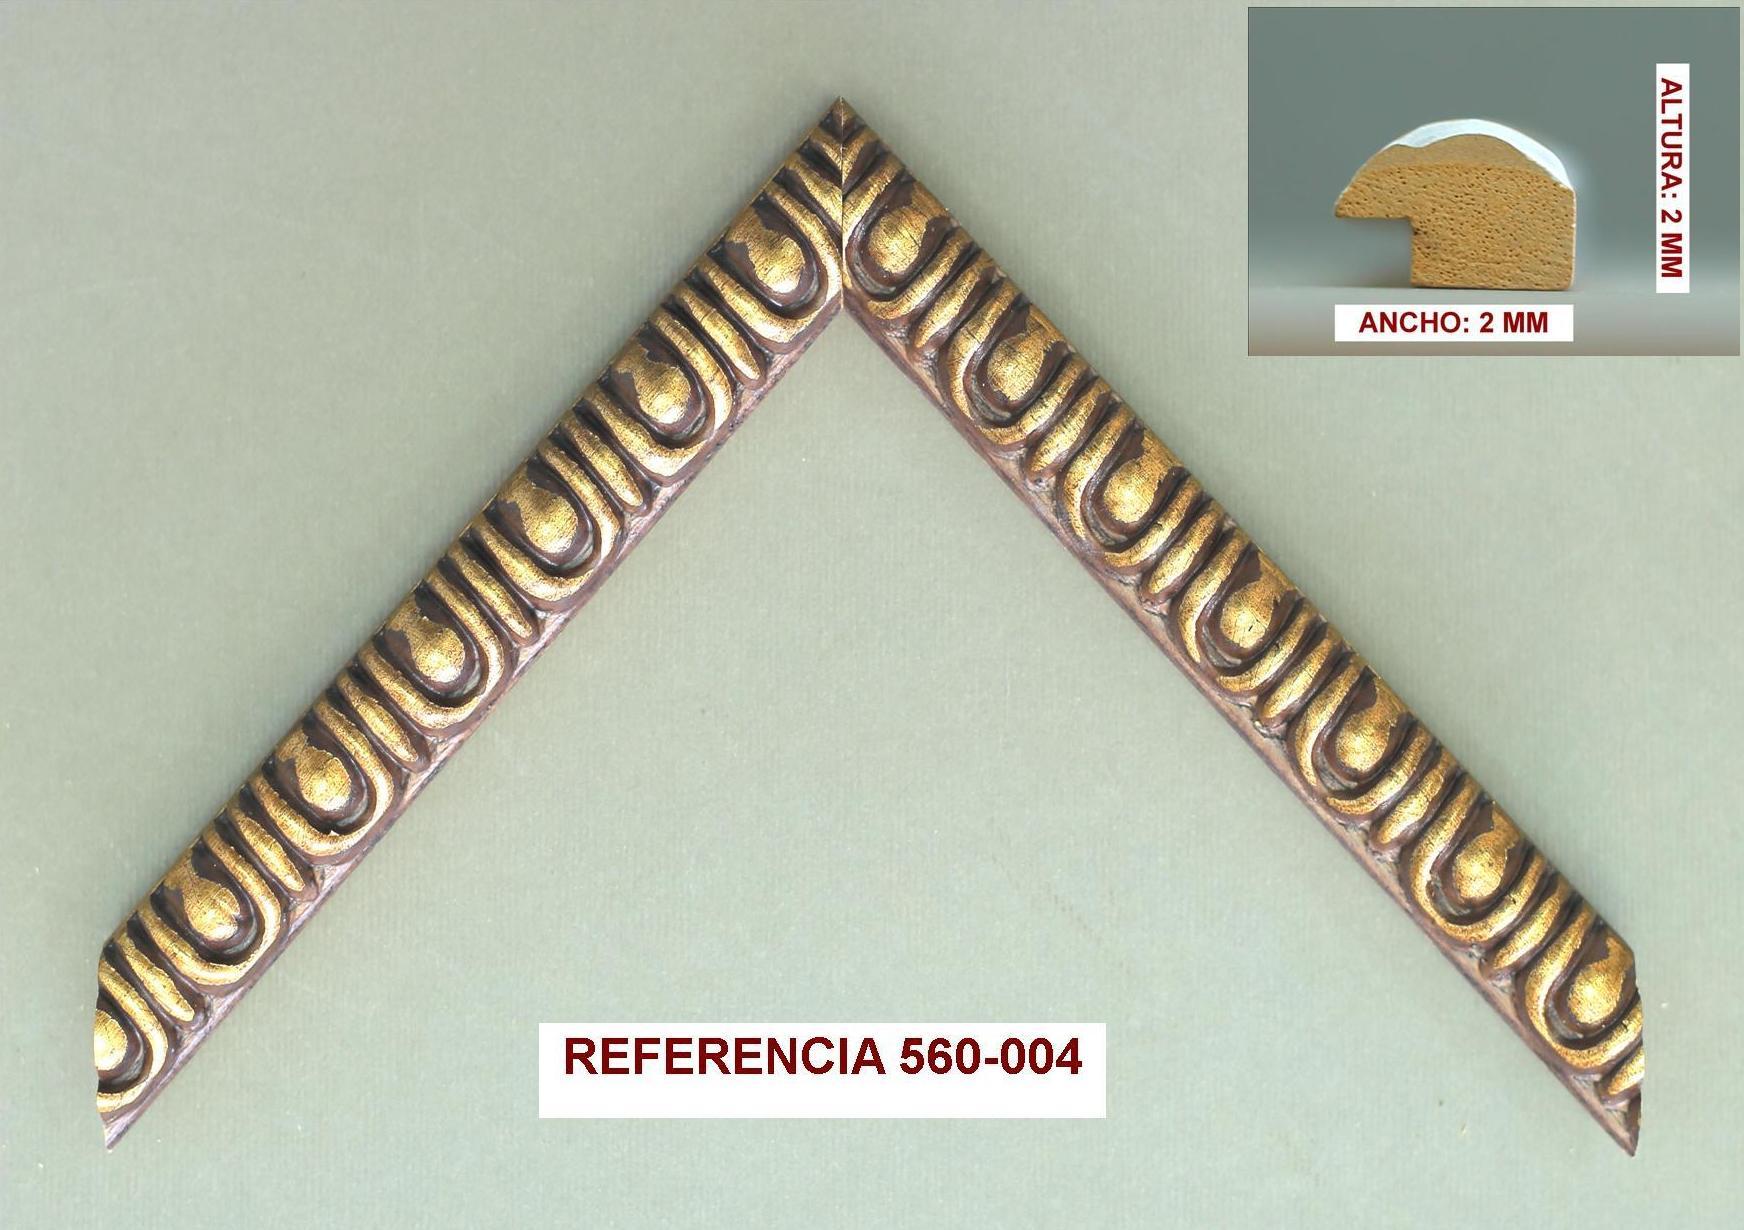 REF 560-004: Muestrario de Moldusevilla